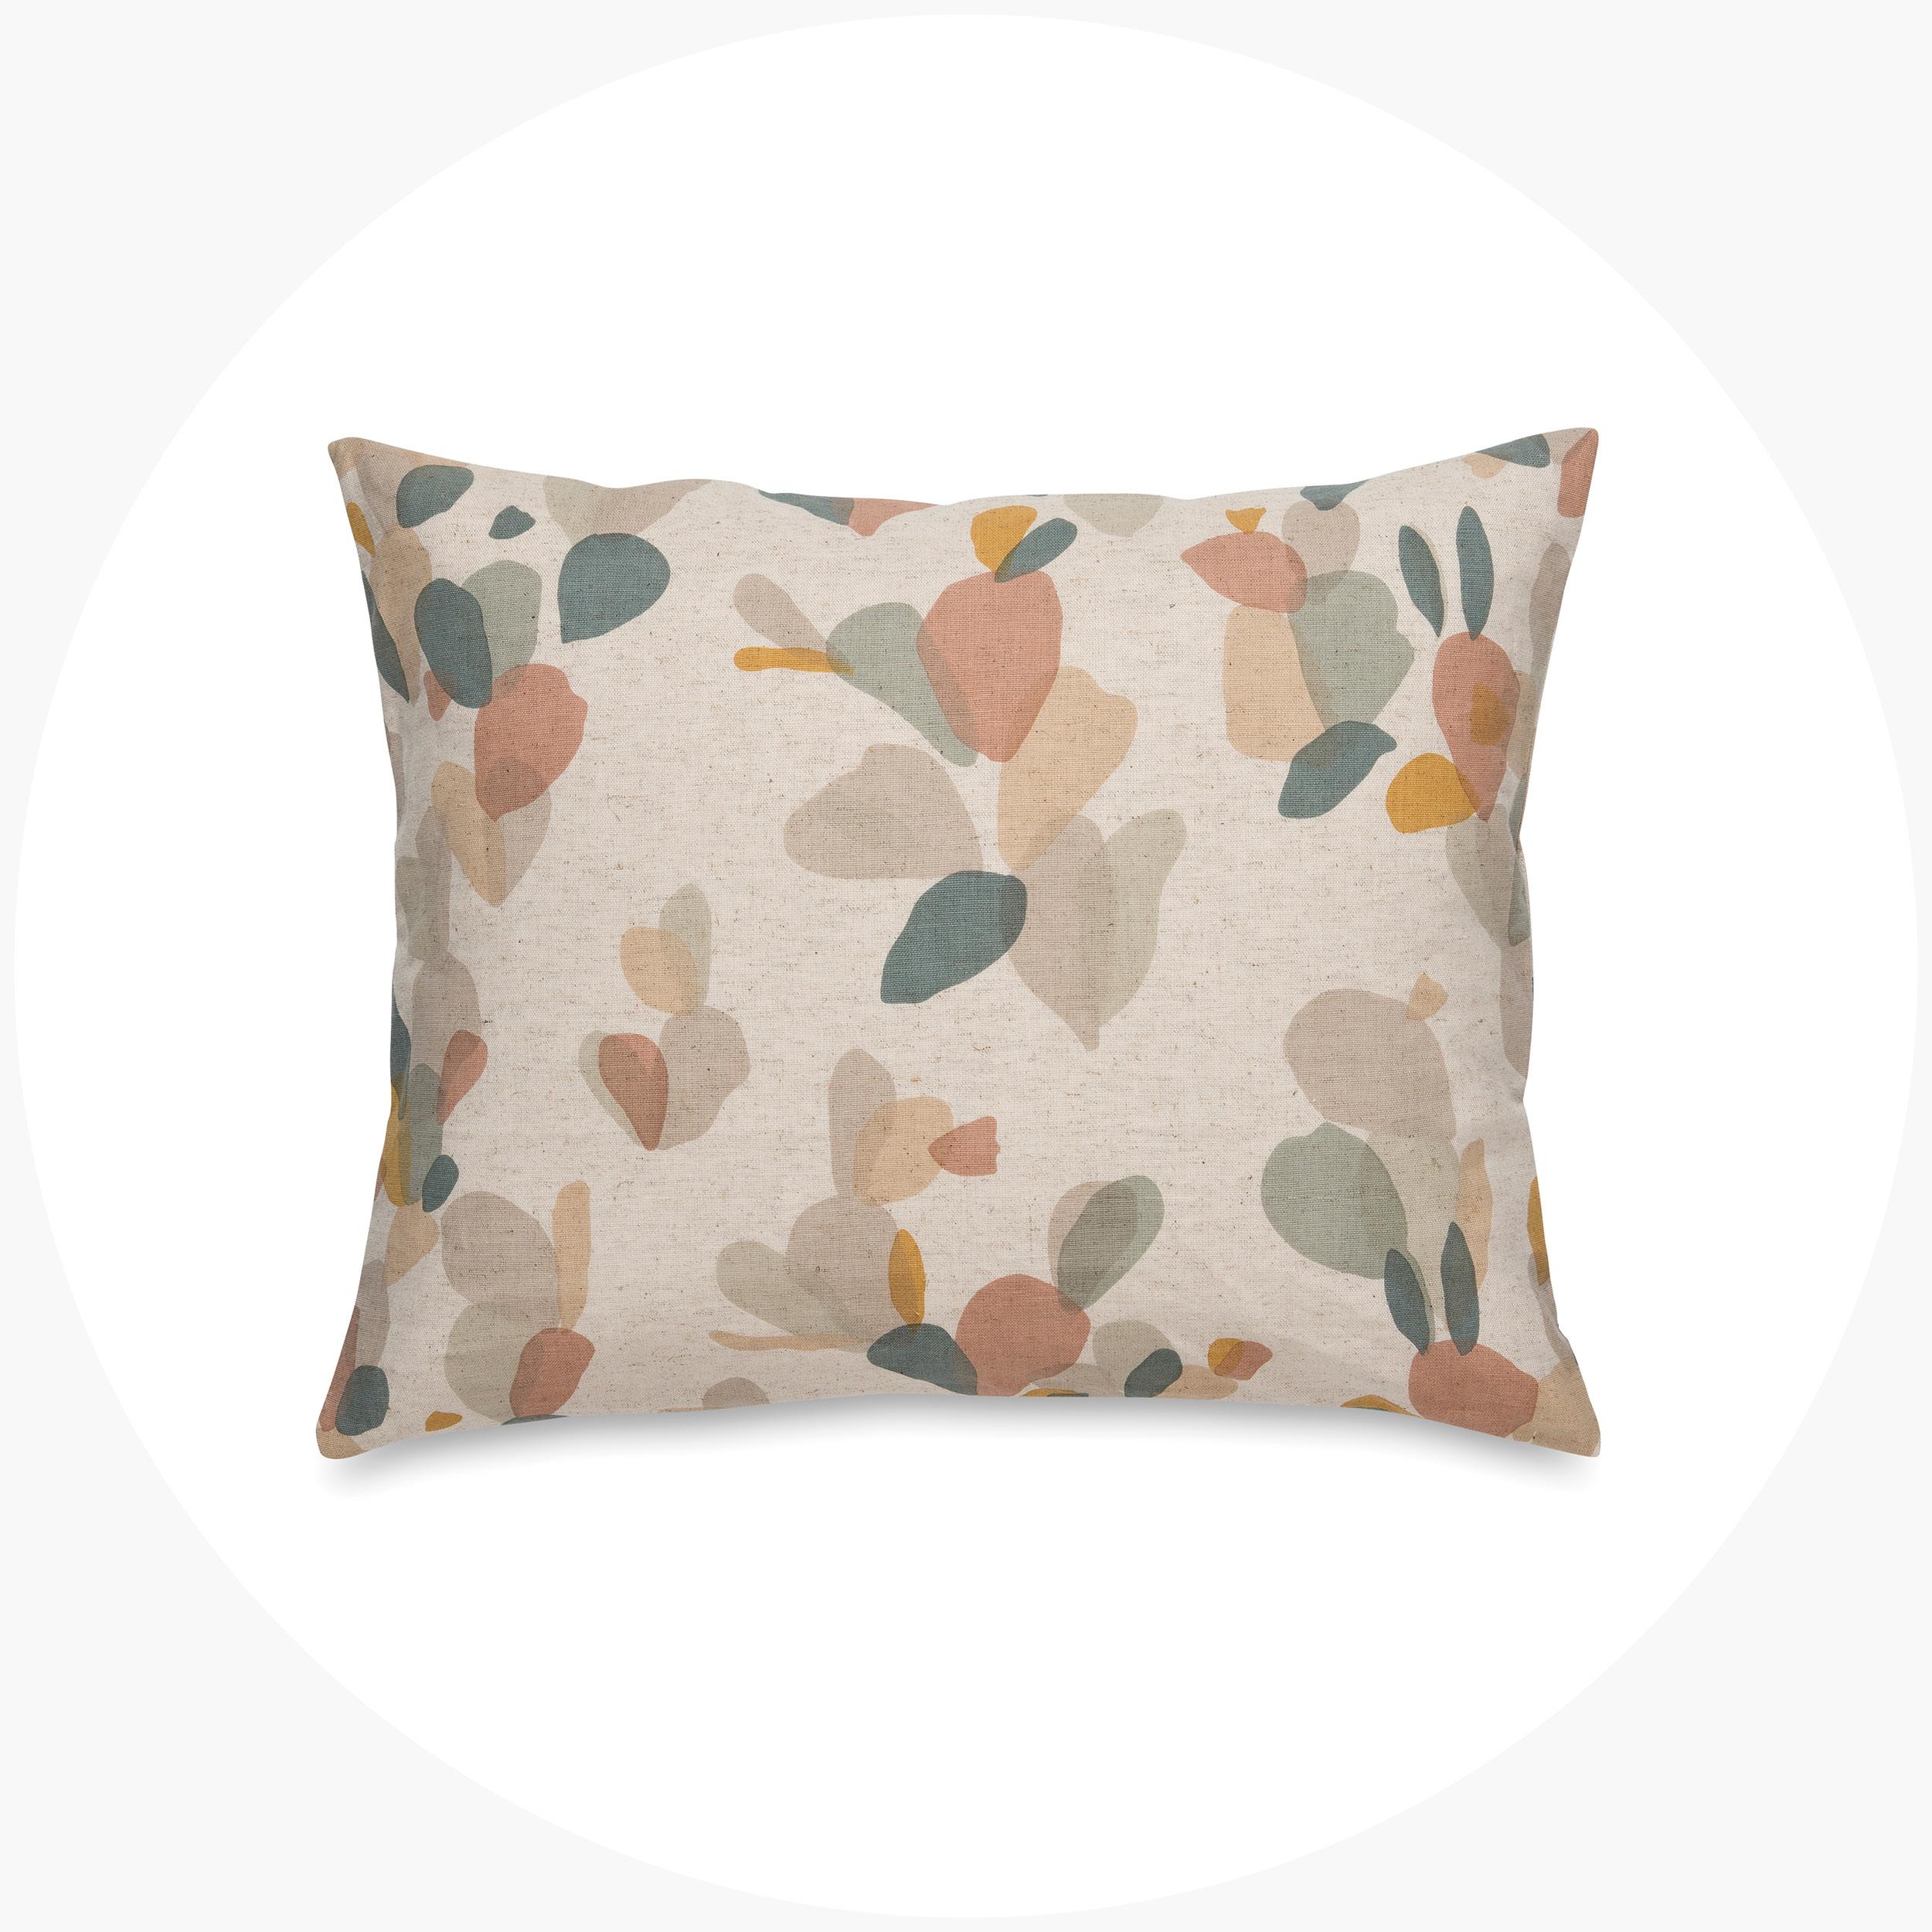 Wild Cushion Cover  $49.90